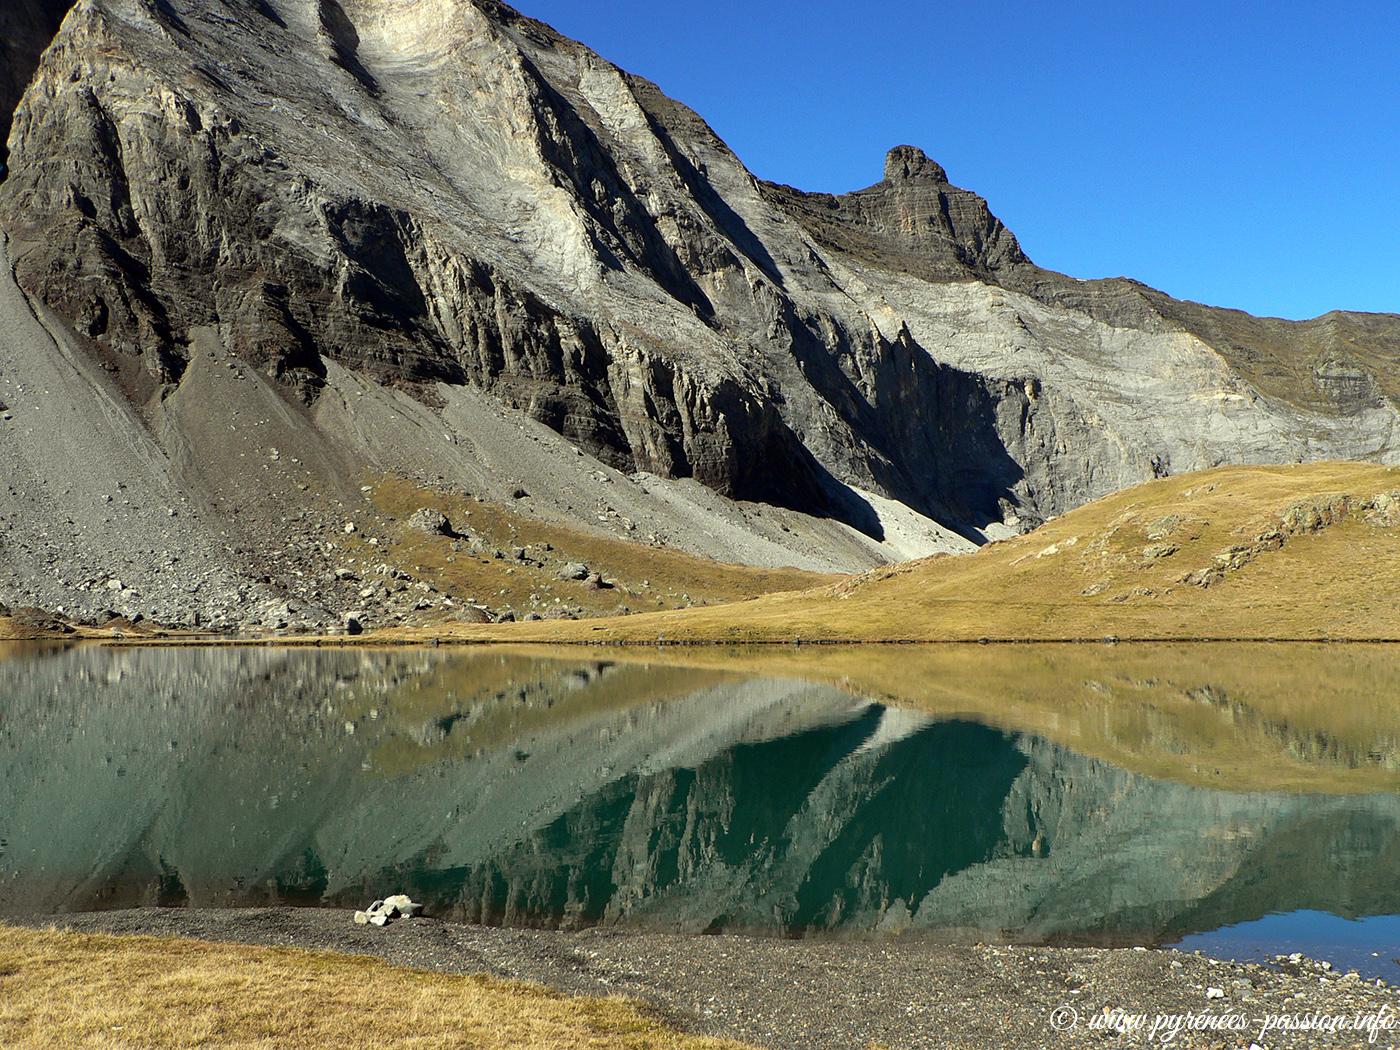 Les lacs de Barroude